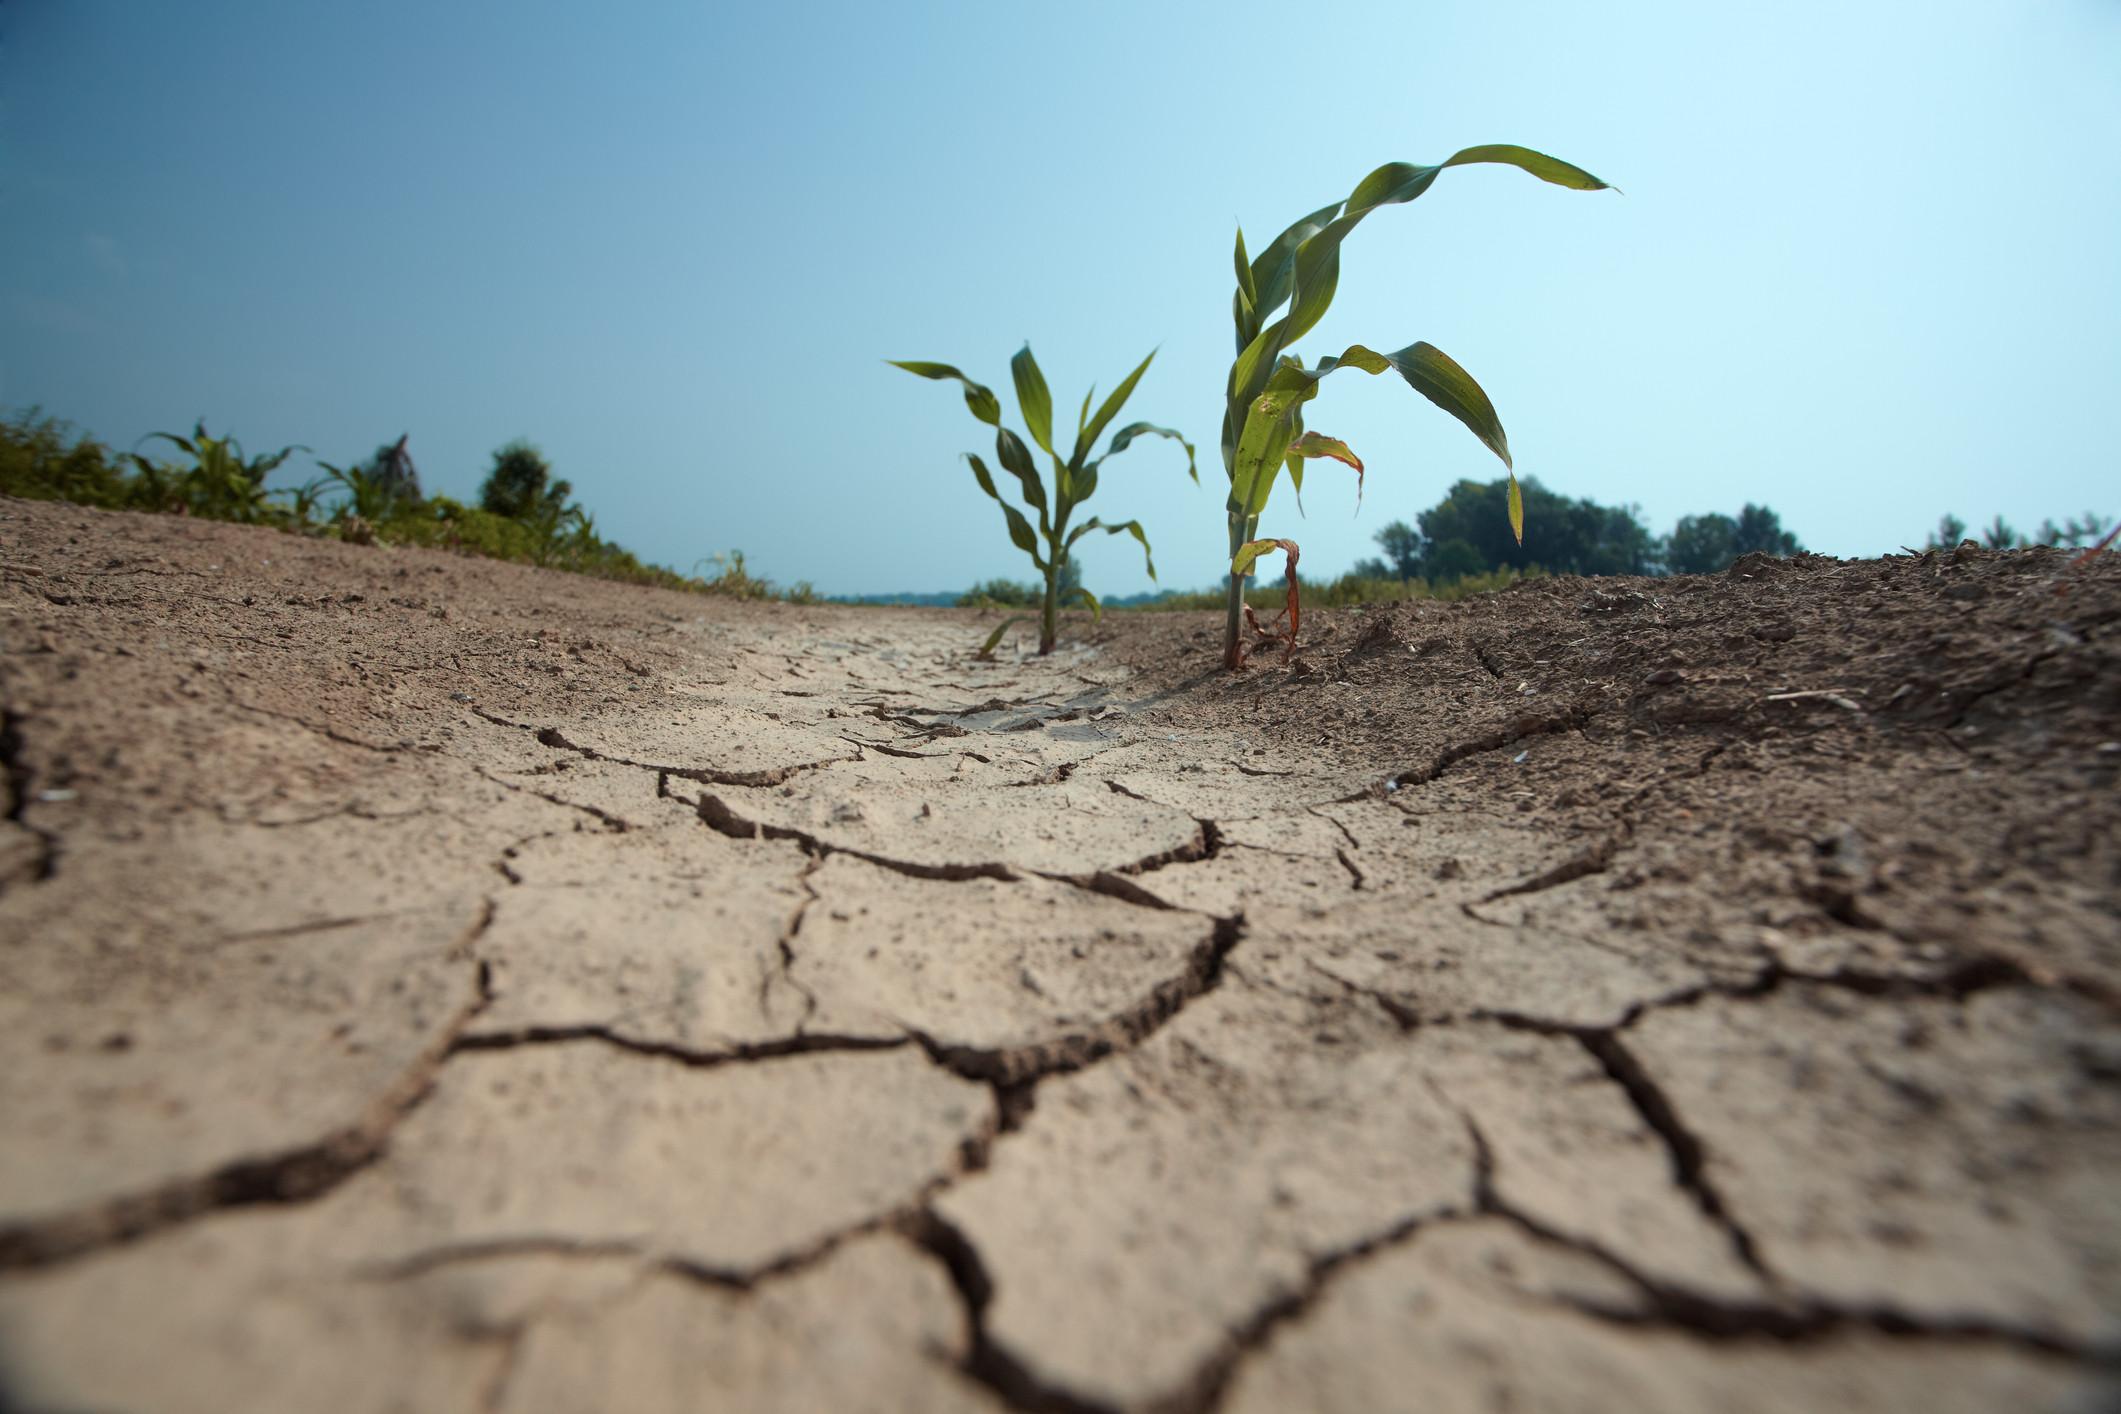 Seca põe em risco produção de certas espécies e aumenta importações